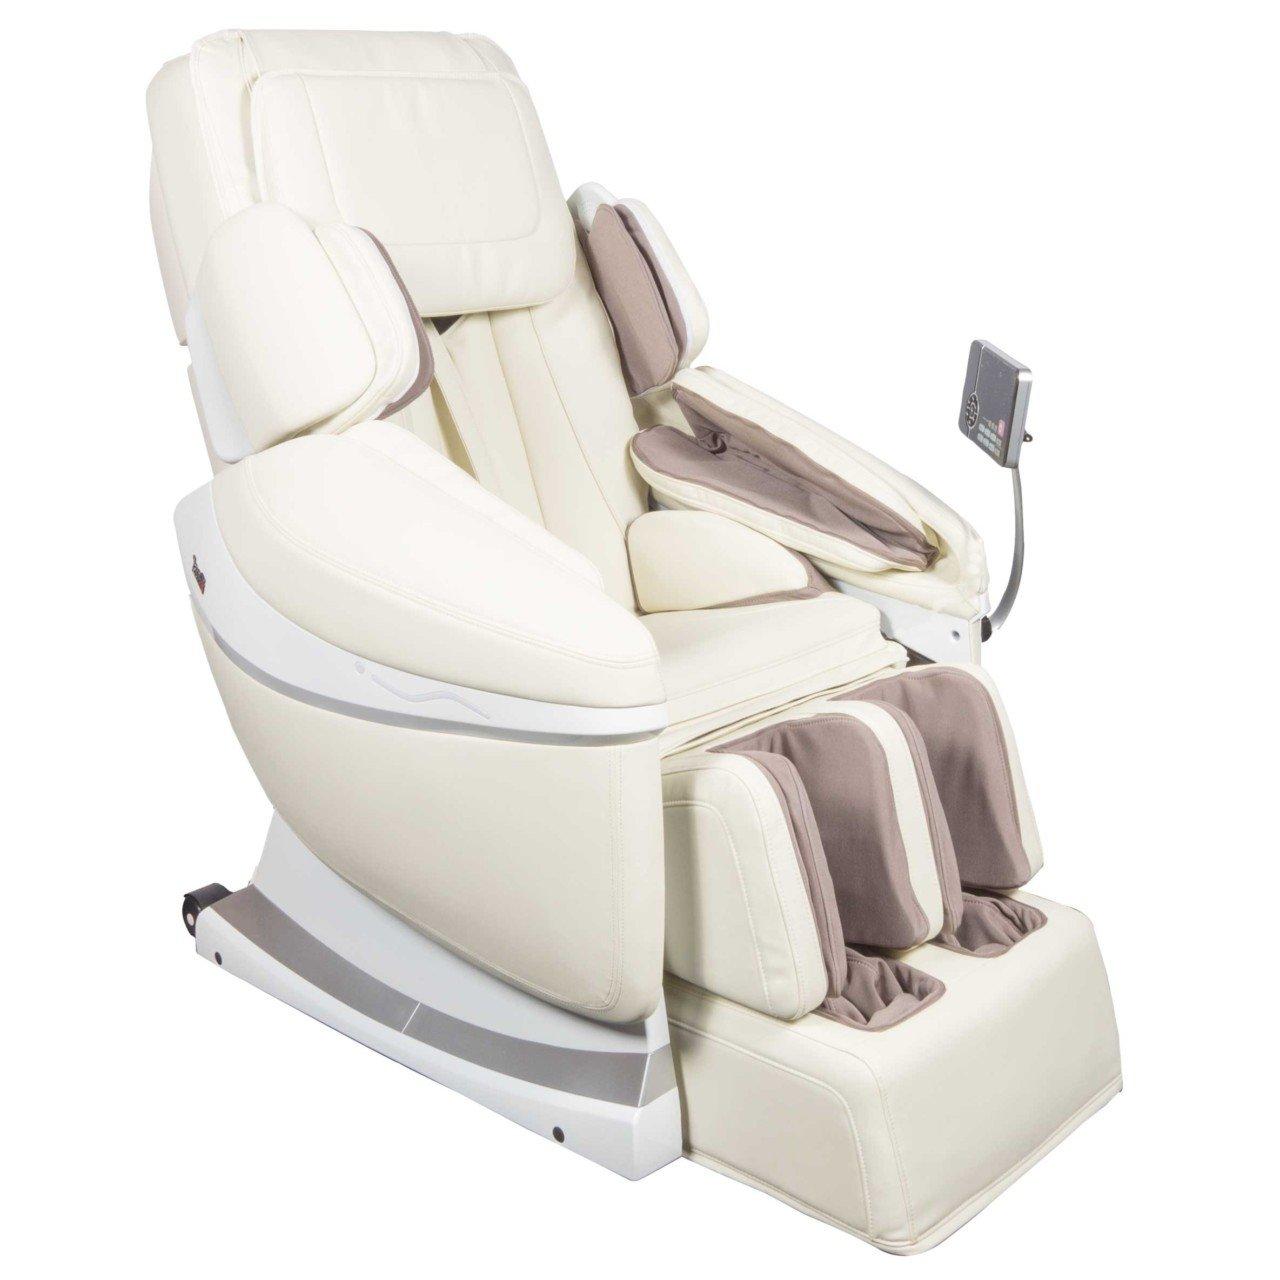 Afbeelding van Elektrische Massagestoel SL-A50 (wit)